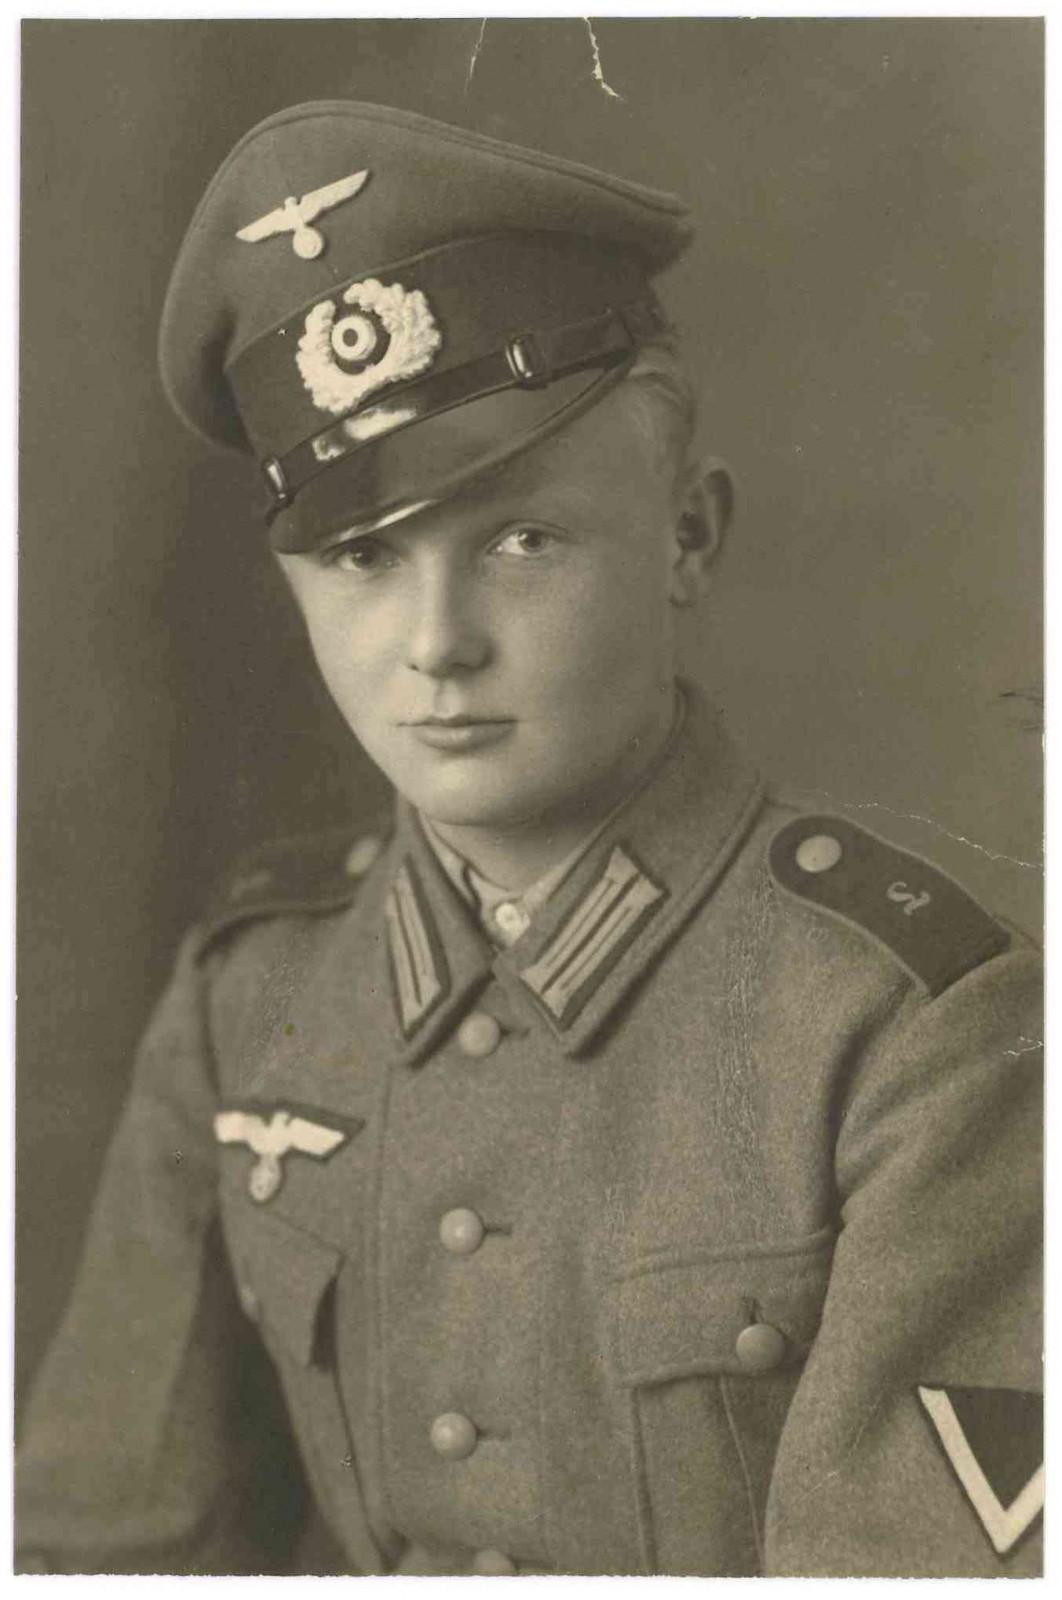 Kurt Kuhnke